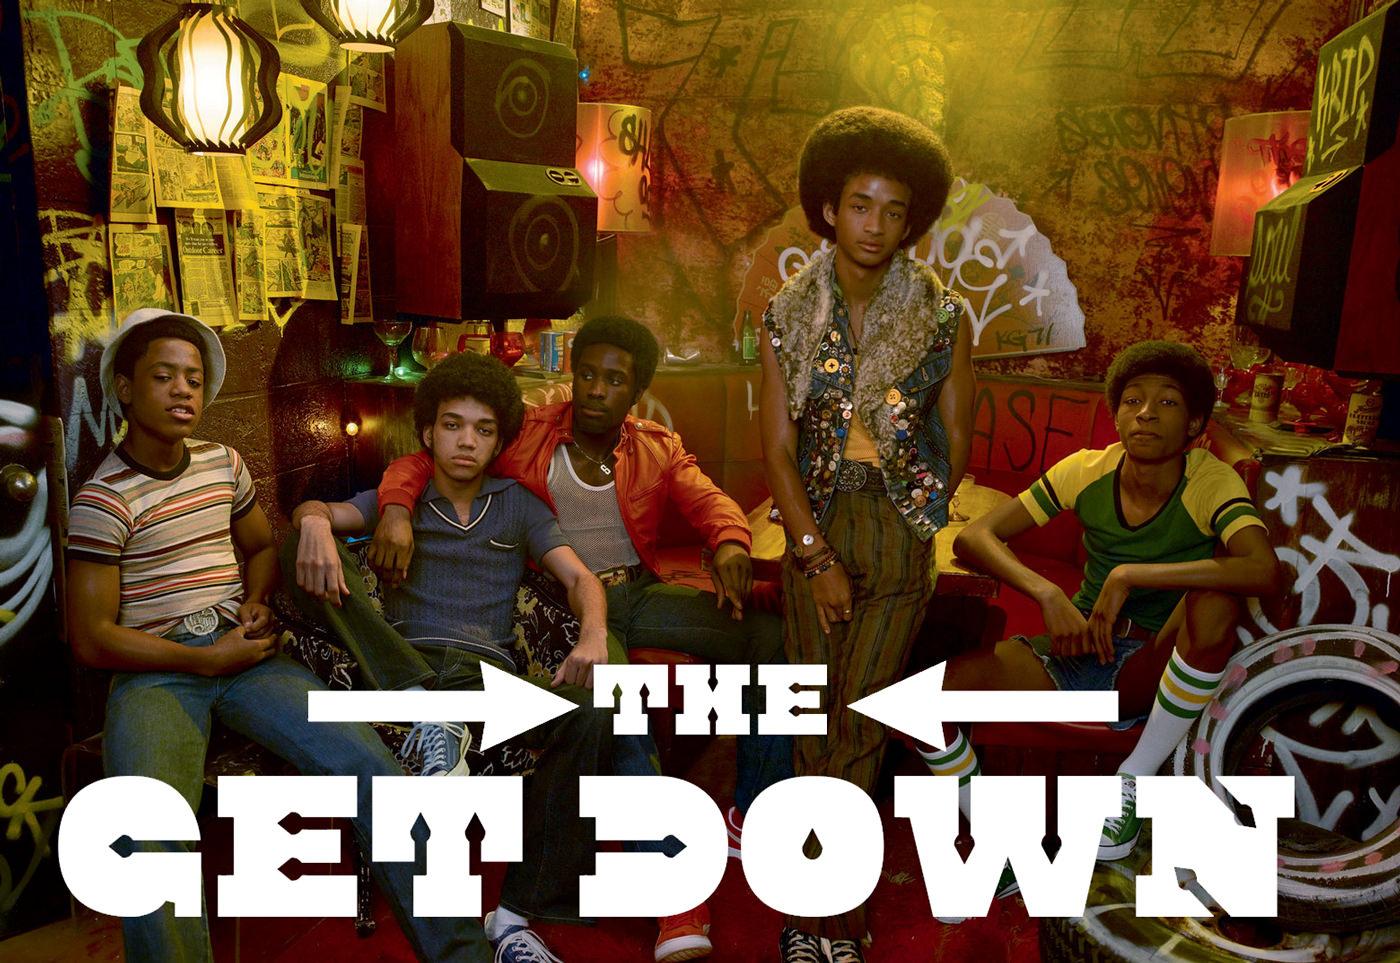 the-get-down-netflix-nerd-pai